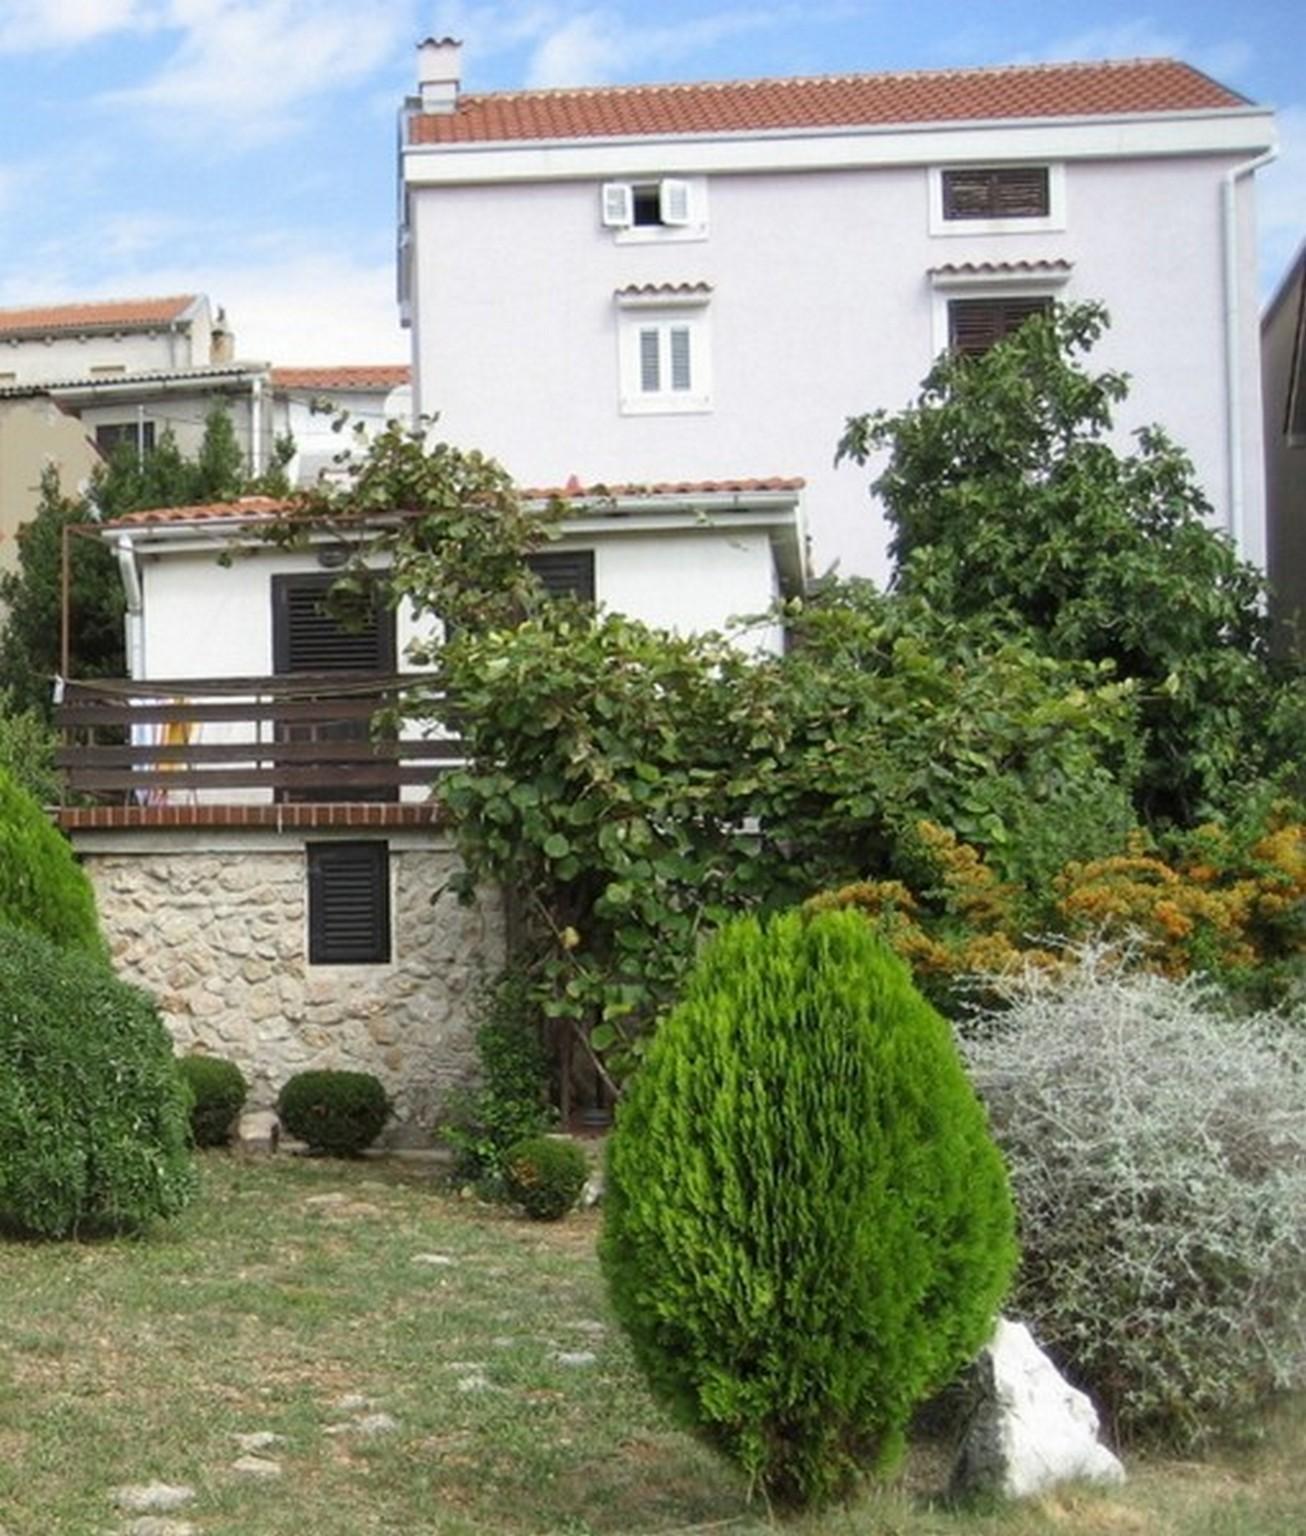 Lovely Two Bedroom Apartment In Vrbnik